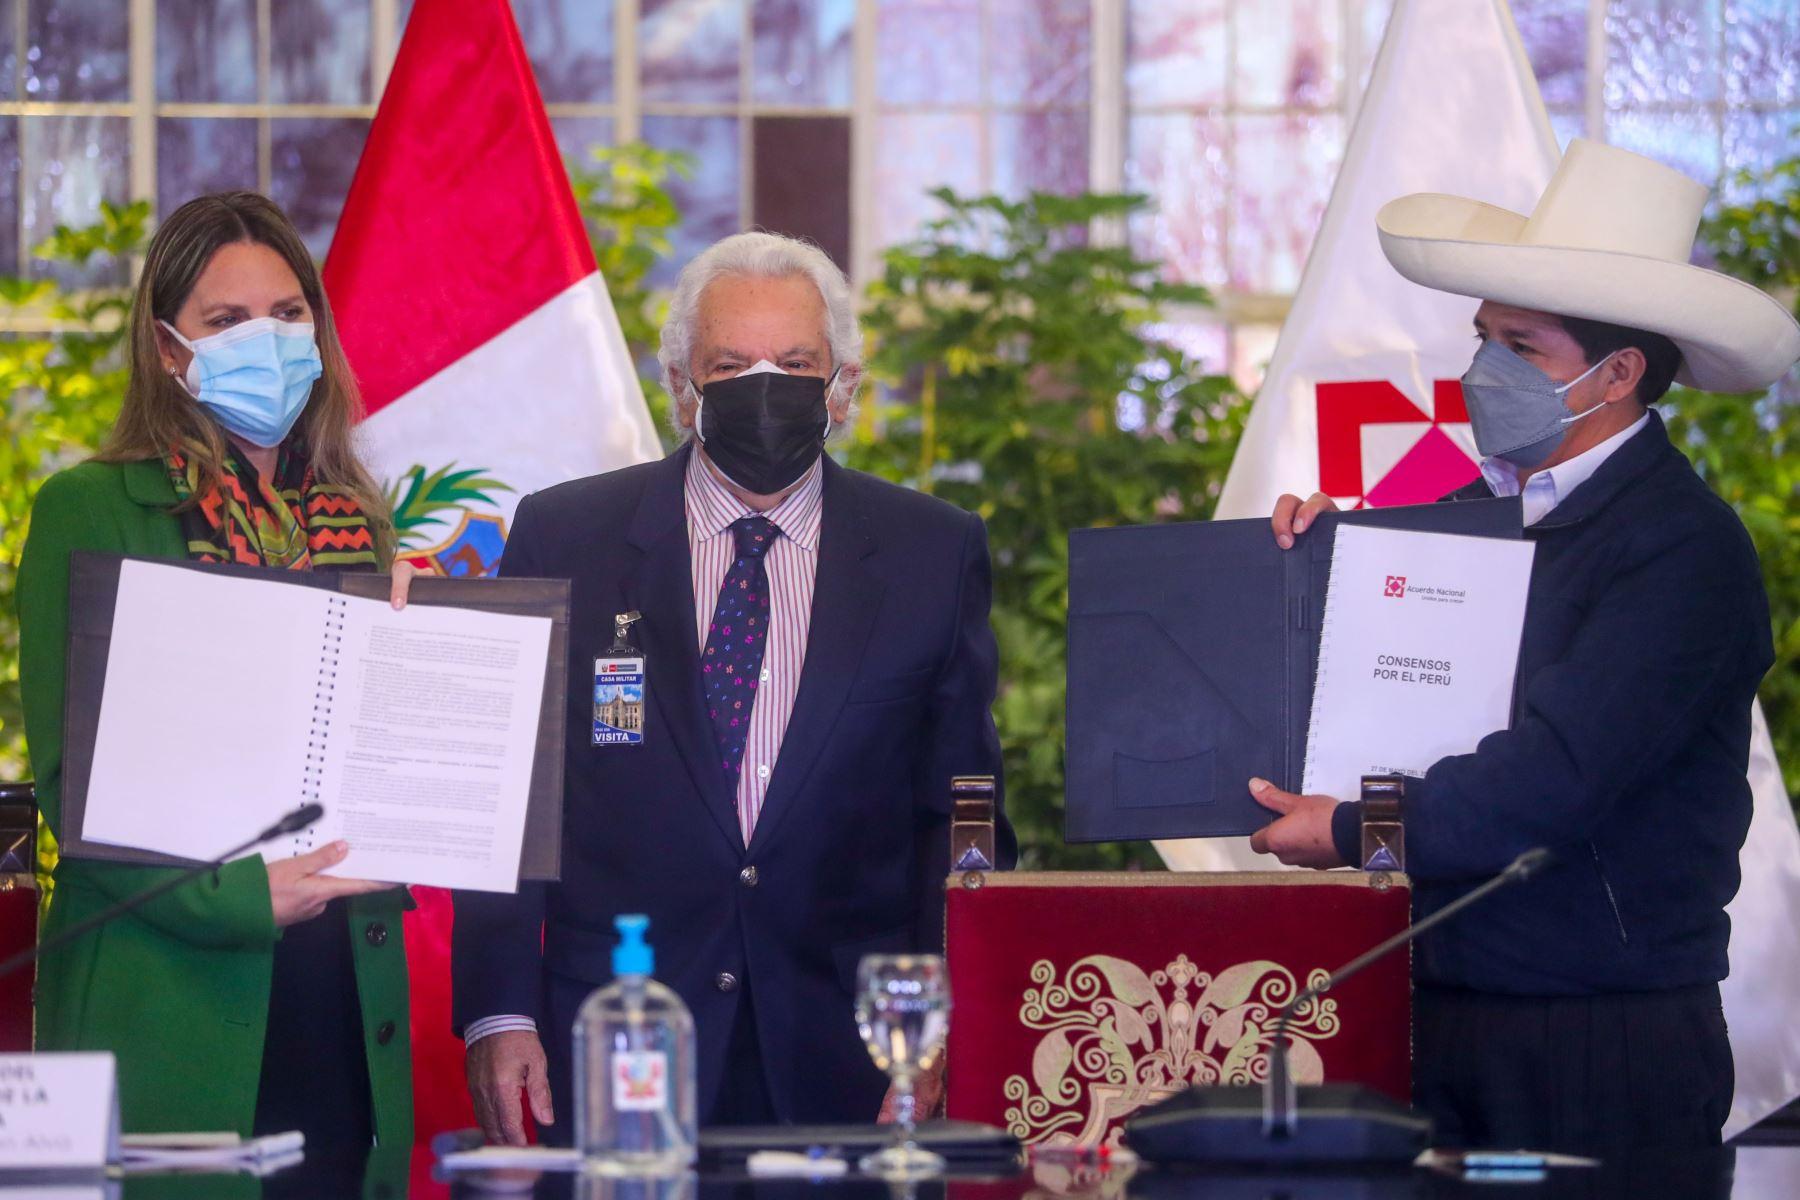 acuerdo-nacional-expresidente-del-tc-propuso-eliminar-vacancia-presidencial-y-cuestion-de-confianza